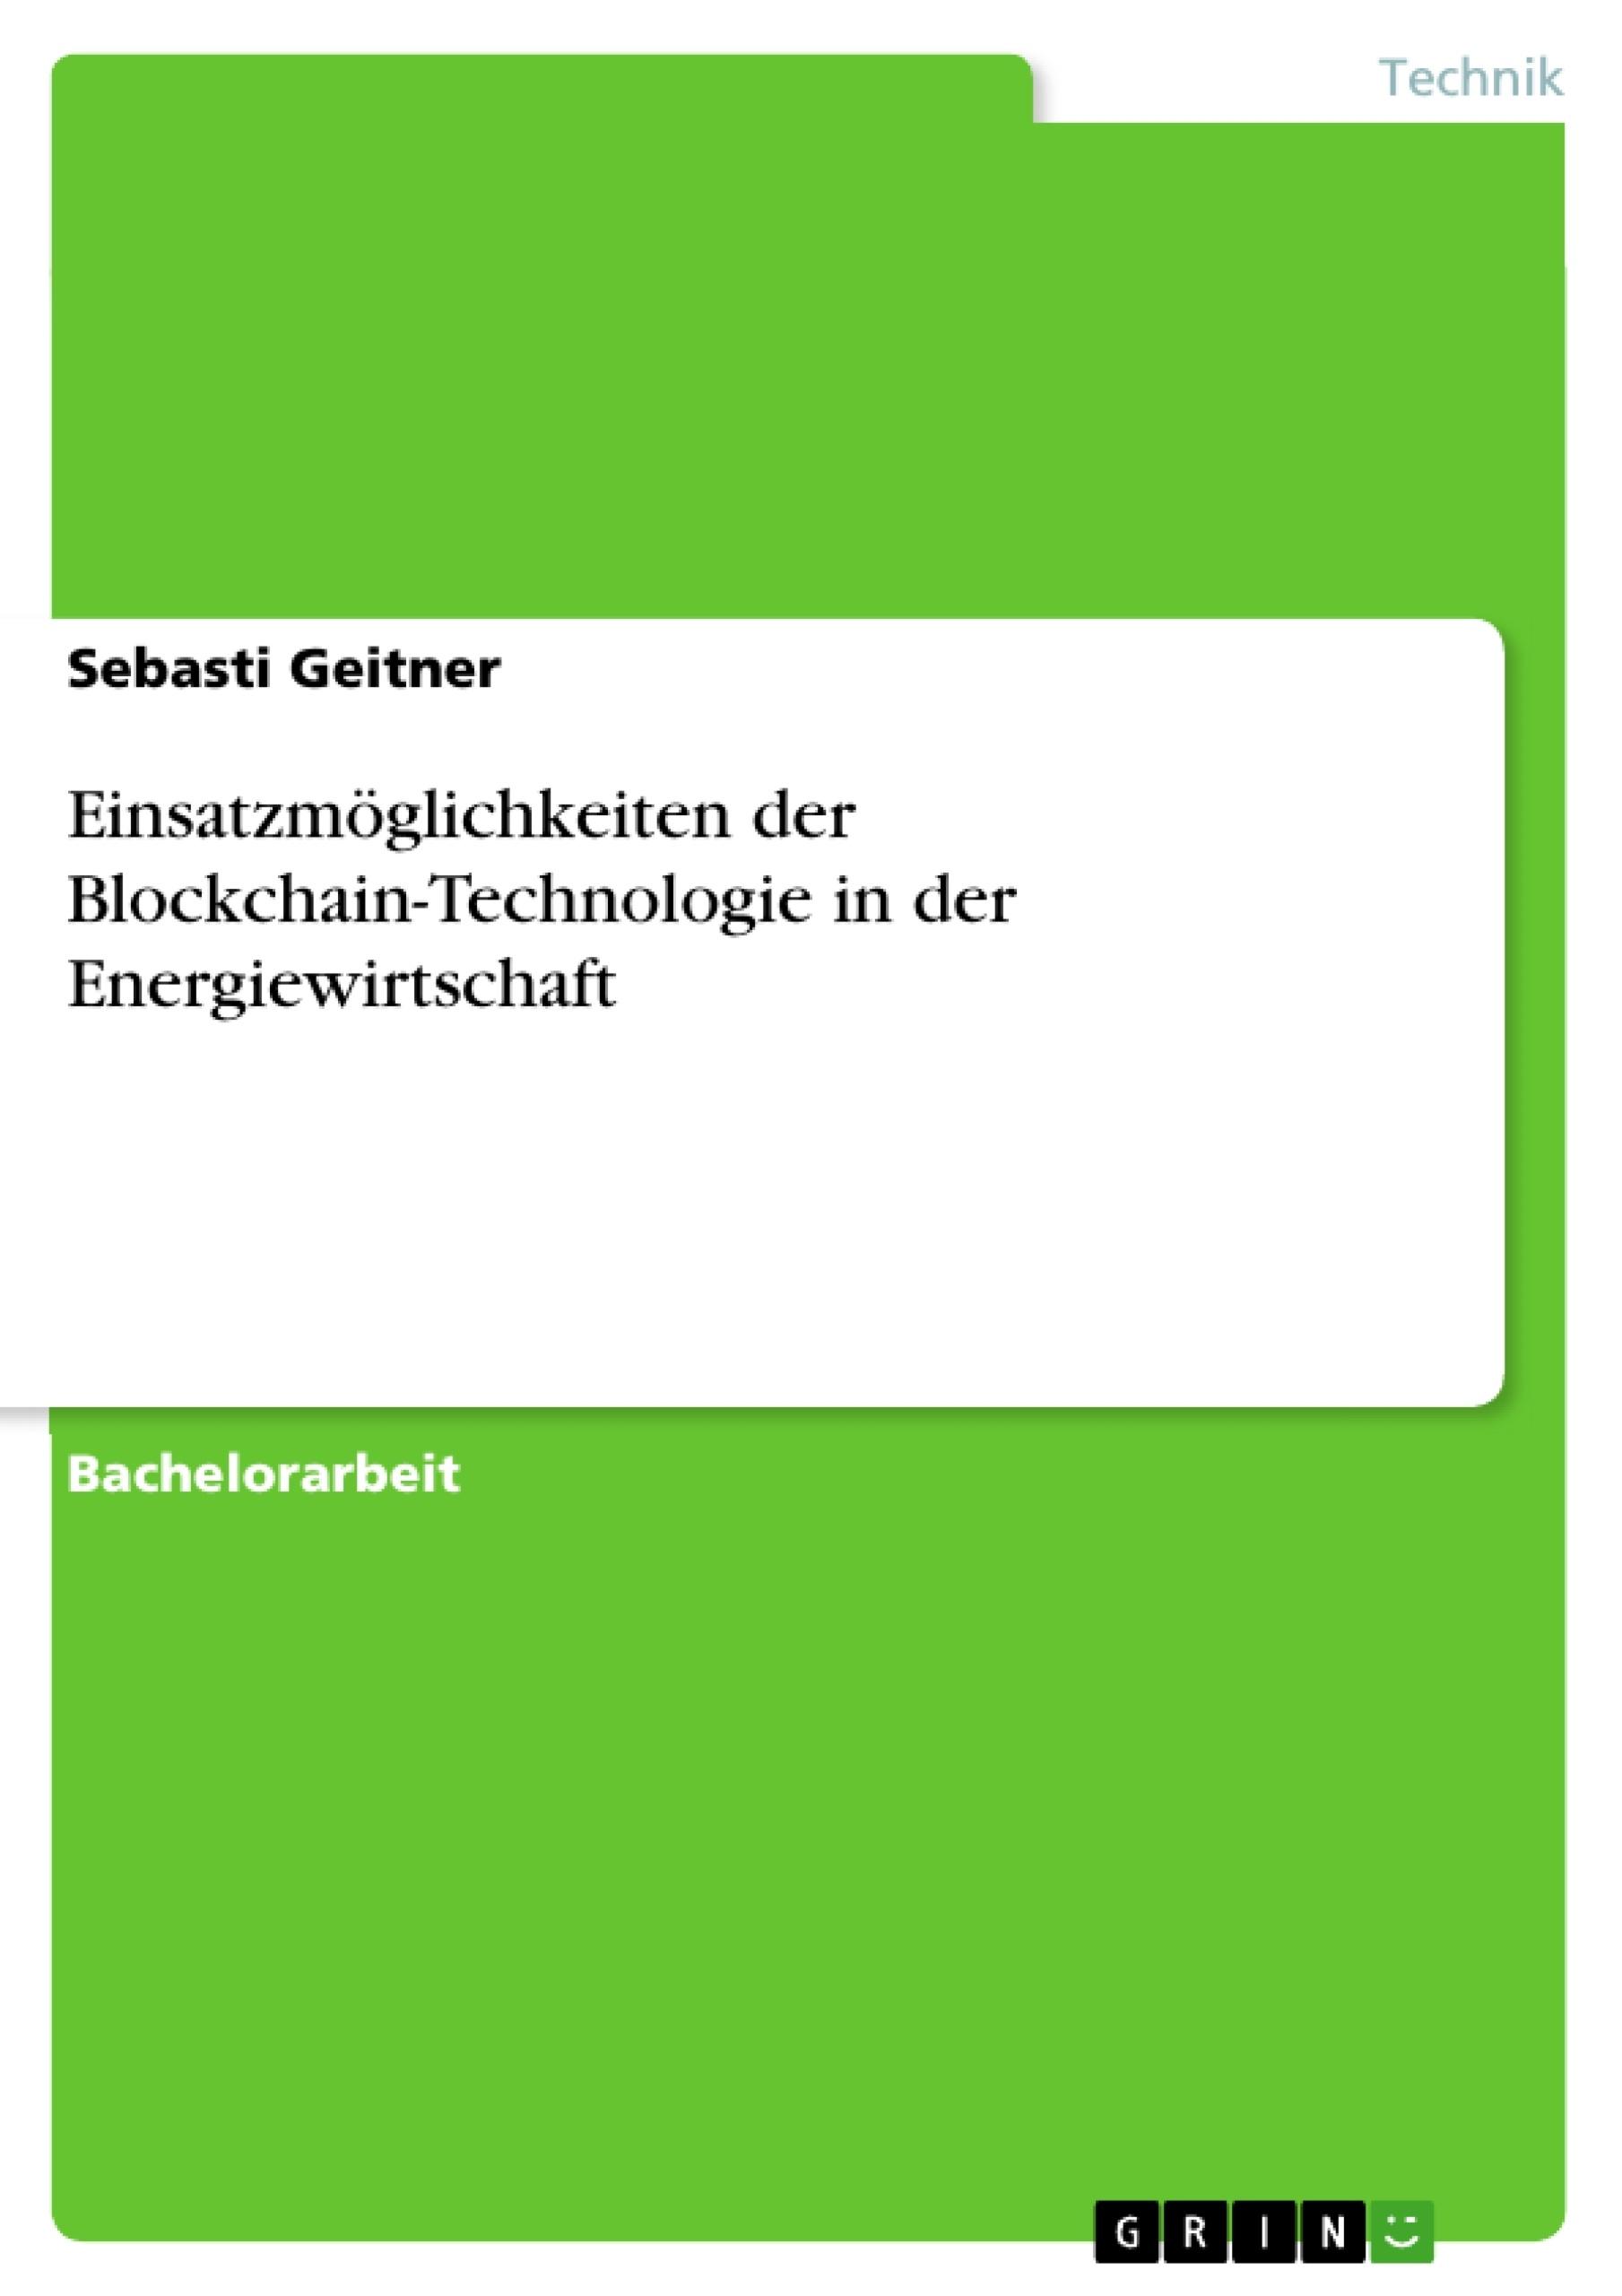 Titel: Einsatzmöglichkeiten der Blockchain-Technologie in der Energiewirtschaft